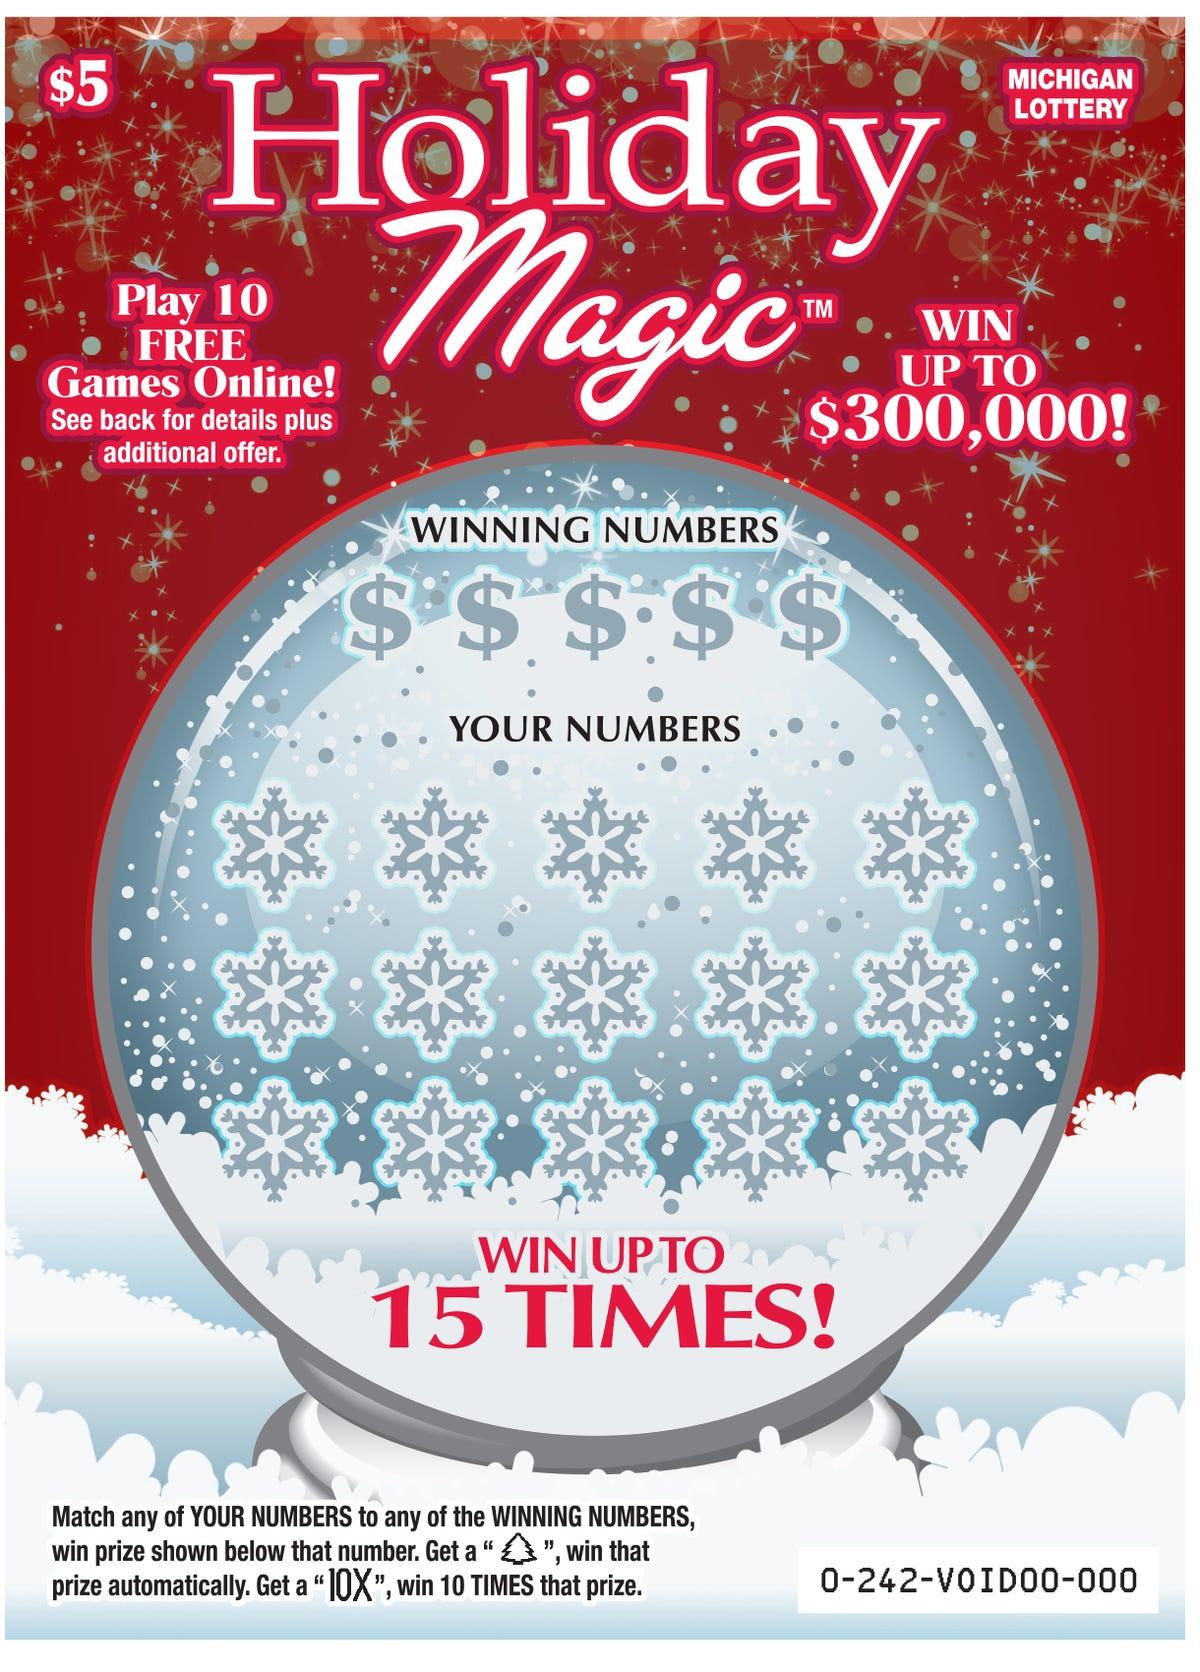 Farmington Hills lottery ticket wins $1 million